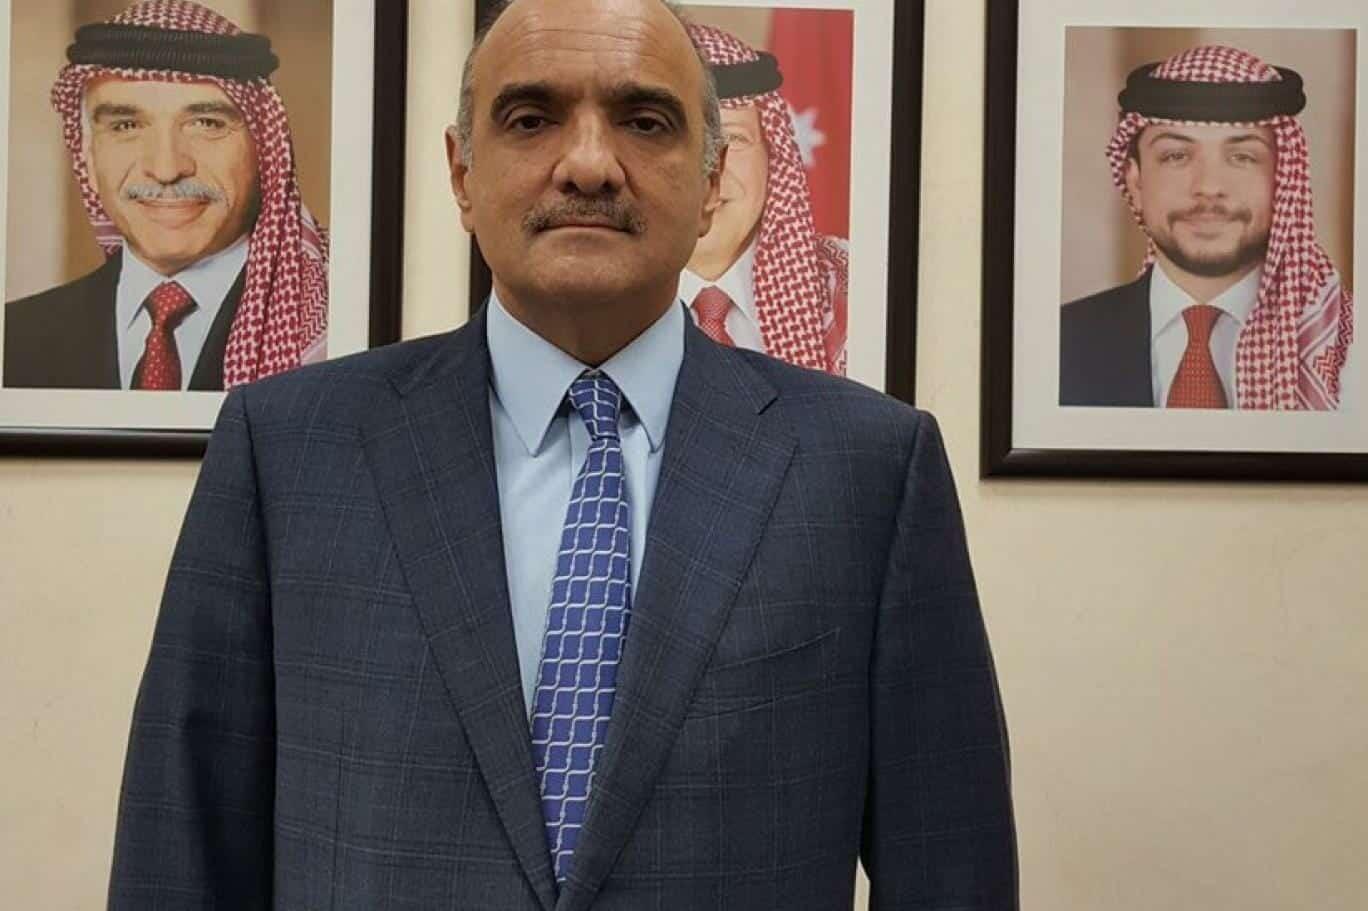 """رئيس الوزراء الأردني تأثر عندما شاهد """"ضحية الزرقاء"""" وهذا ما توعد به المجرمين حتى يكونوا """"عبرة"""" لغيرهم"""